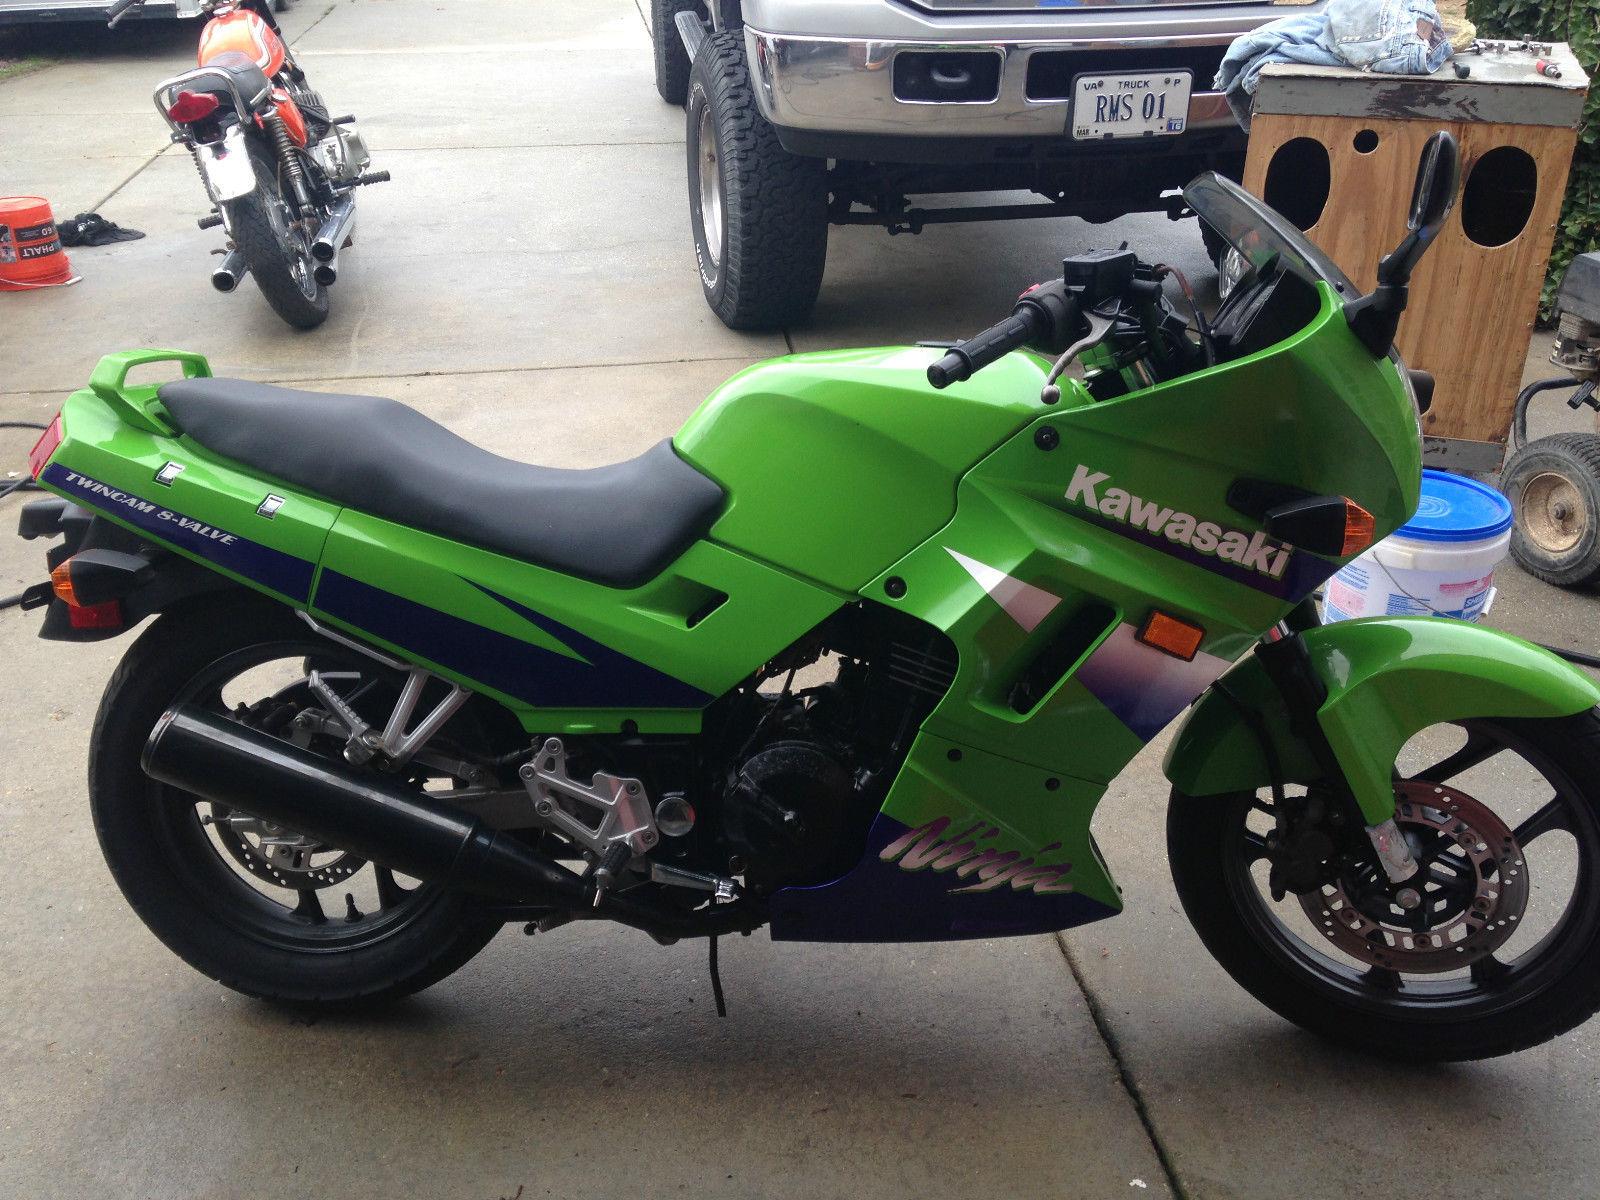 Kawasaki Green Street Bike